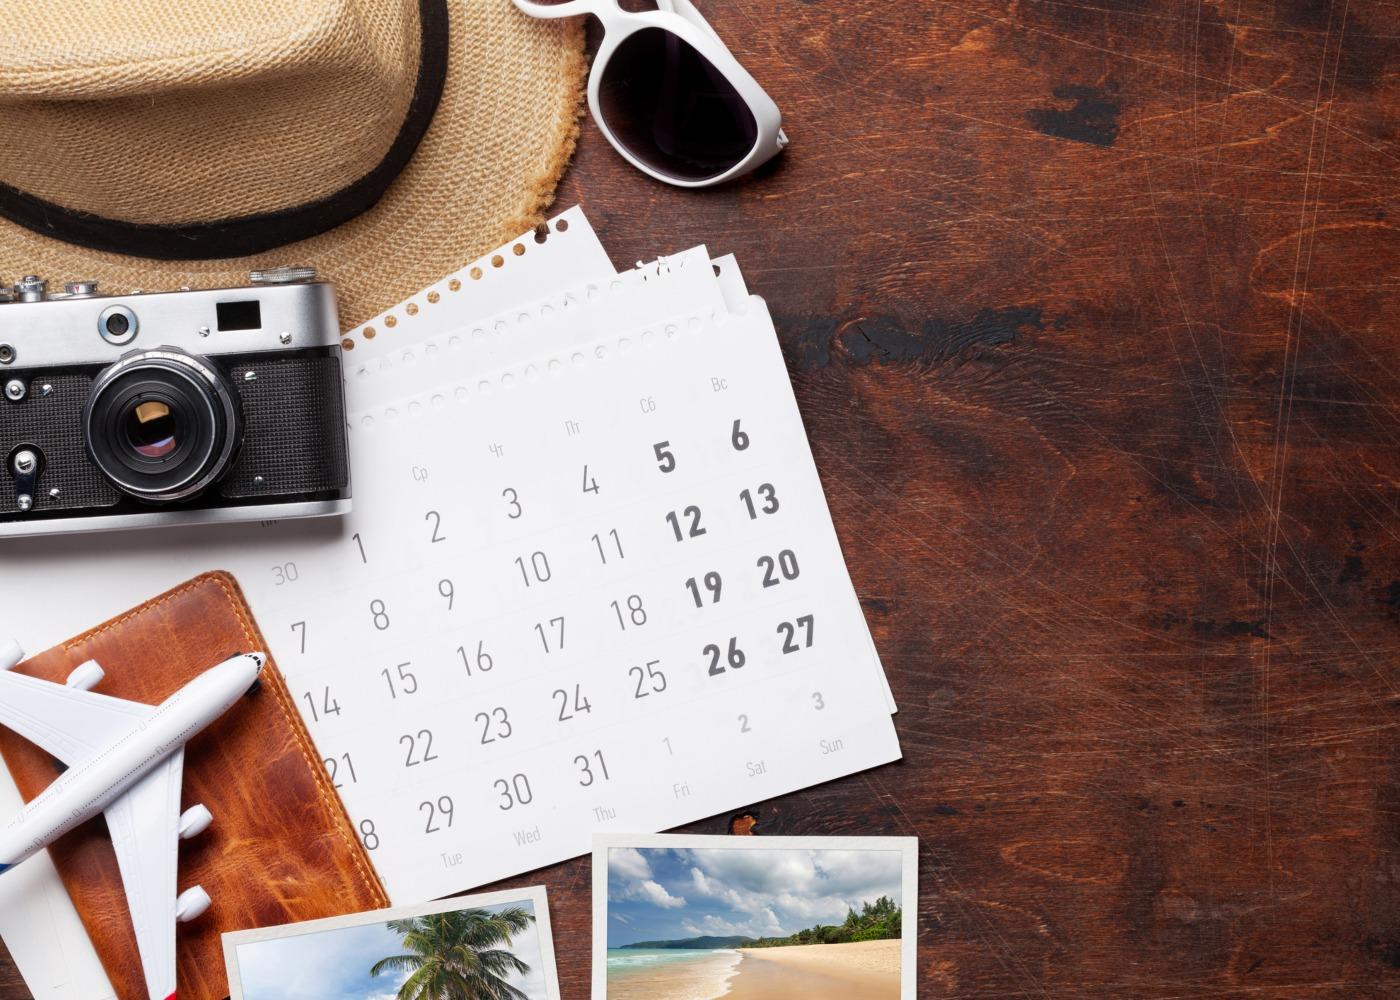 calendário, chapéu, avião e máquina fotográfica dispostos numa mesa